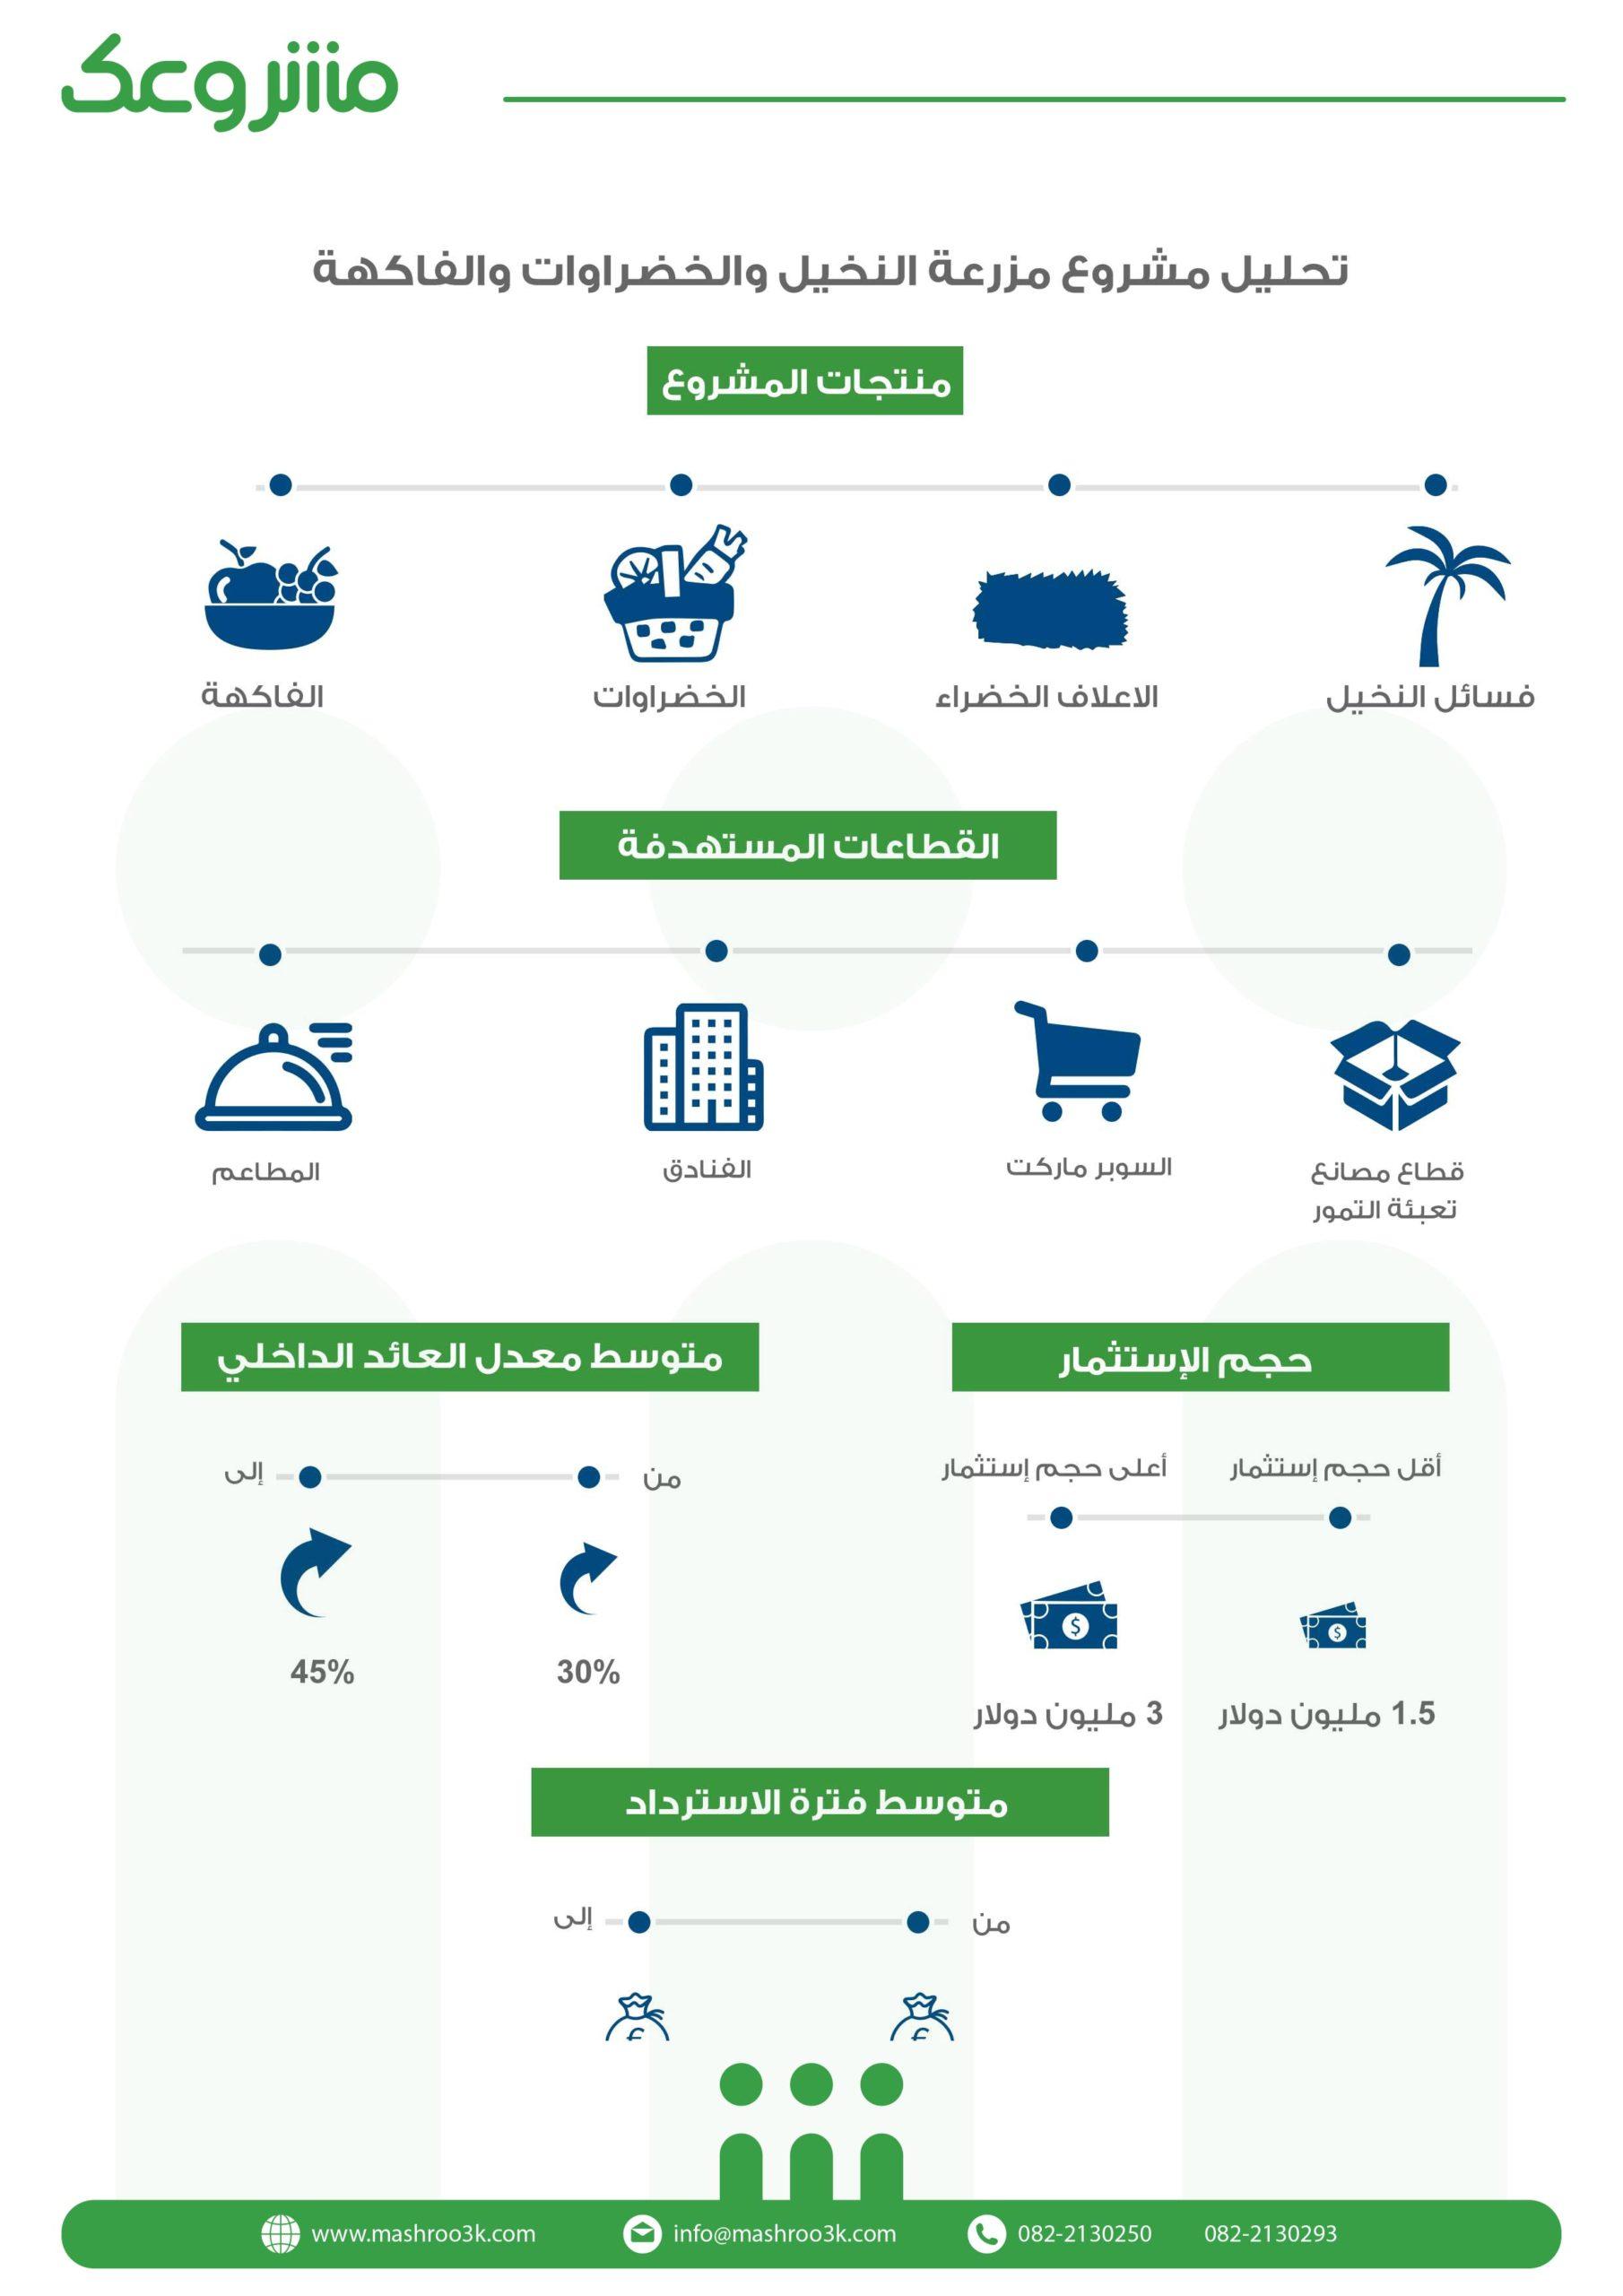 المؤشرات المالية لمشروع مزرعة النخيل والفواكهه والخضروات